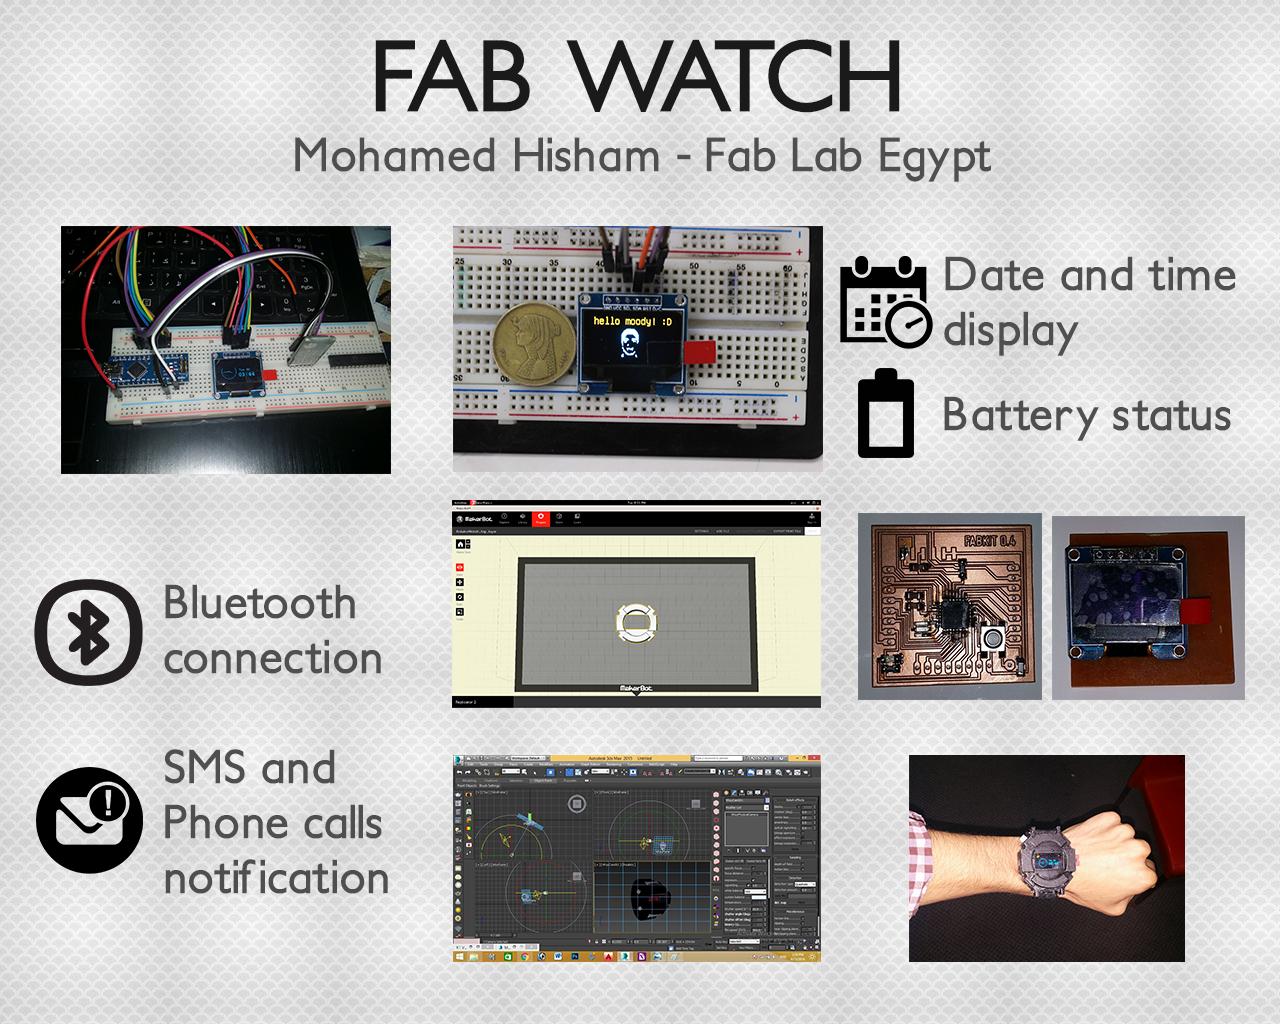 Fab Watch